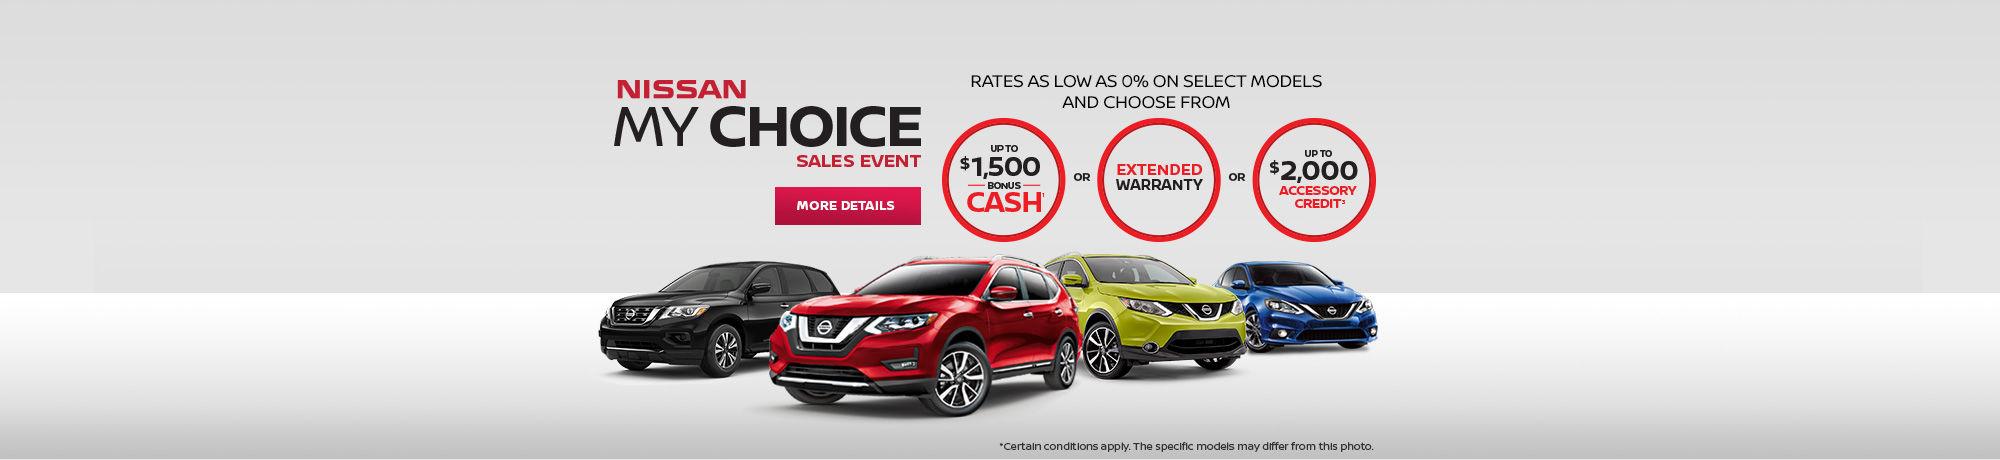 Nissan My Choice Event